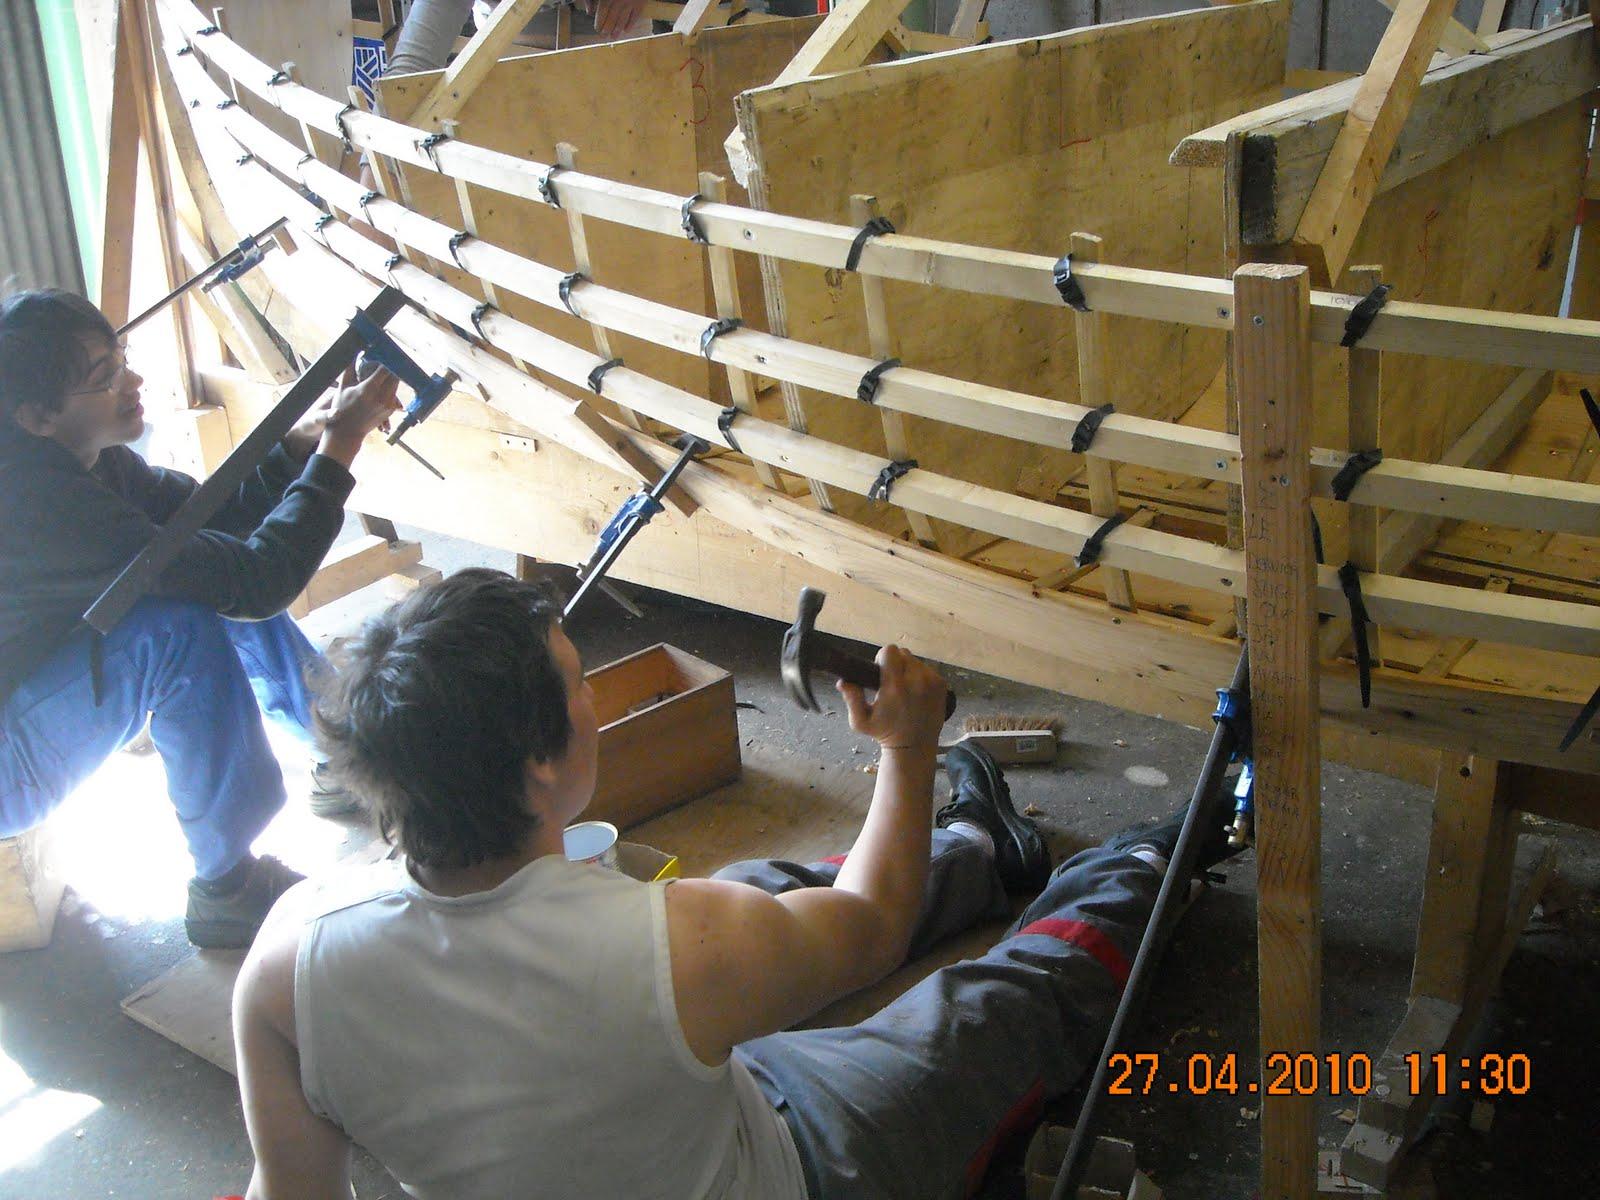 ipfa motiv u0026 39 action  chantier ecole cap loire 2009  2010